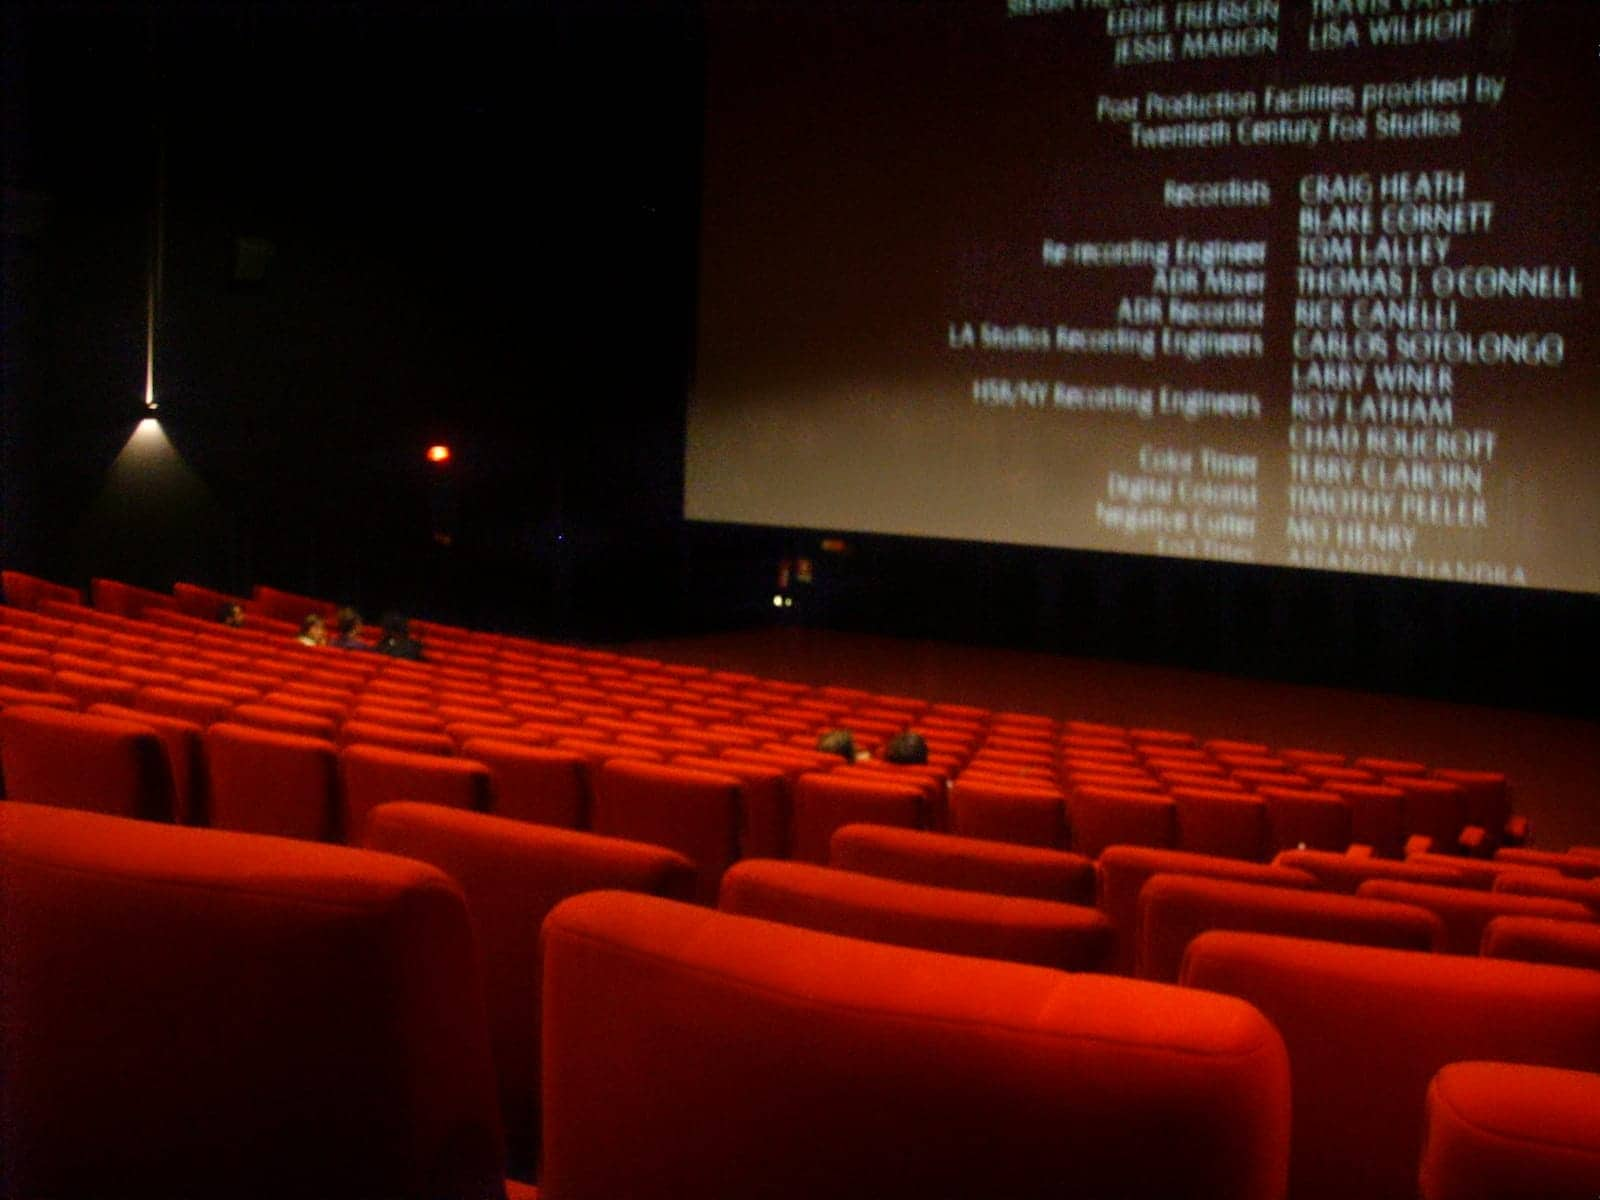 Les moins de 14 ans bénéficieront prochainement d'un tarif réduit et unique dans toutes les salles de cinéma de France pour toutes les séances, à savoir, 4 euros. Le ministère de la Culture a confirmé la mesure, et Aurélie Filippetti devrait l'annoncer officiellement dès ce soir, lors de l'inauguration d'un cinéma de la Manche. La […]